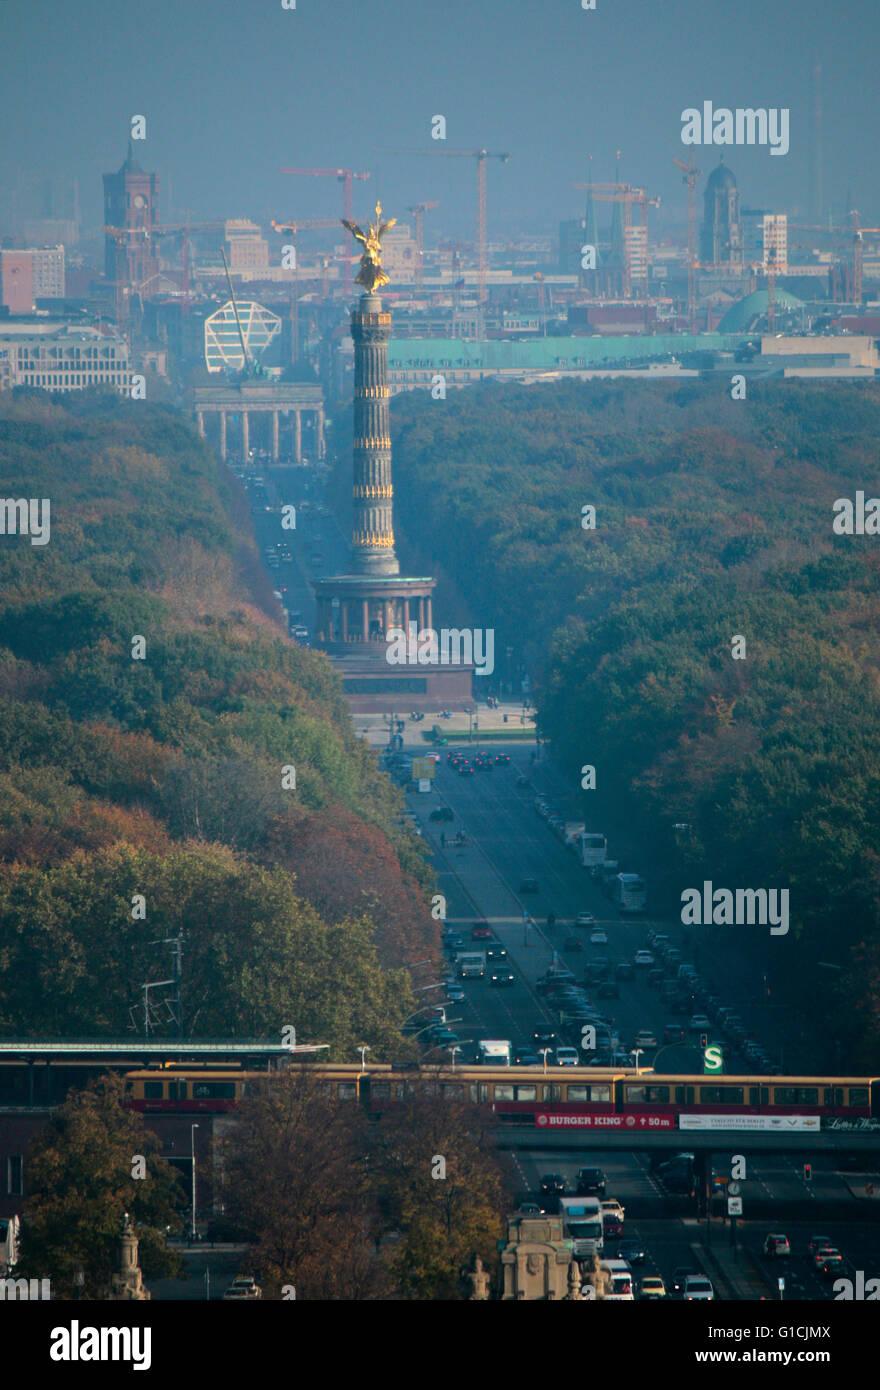 sie Skyline von Berlin mit dem Roten Rathaus, Brandenburger Tor, Siegessaeule und dem Tiergarten, Berlin-Charlottenburg. - Stock Image